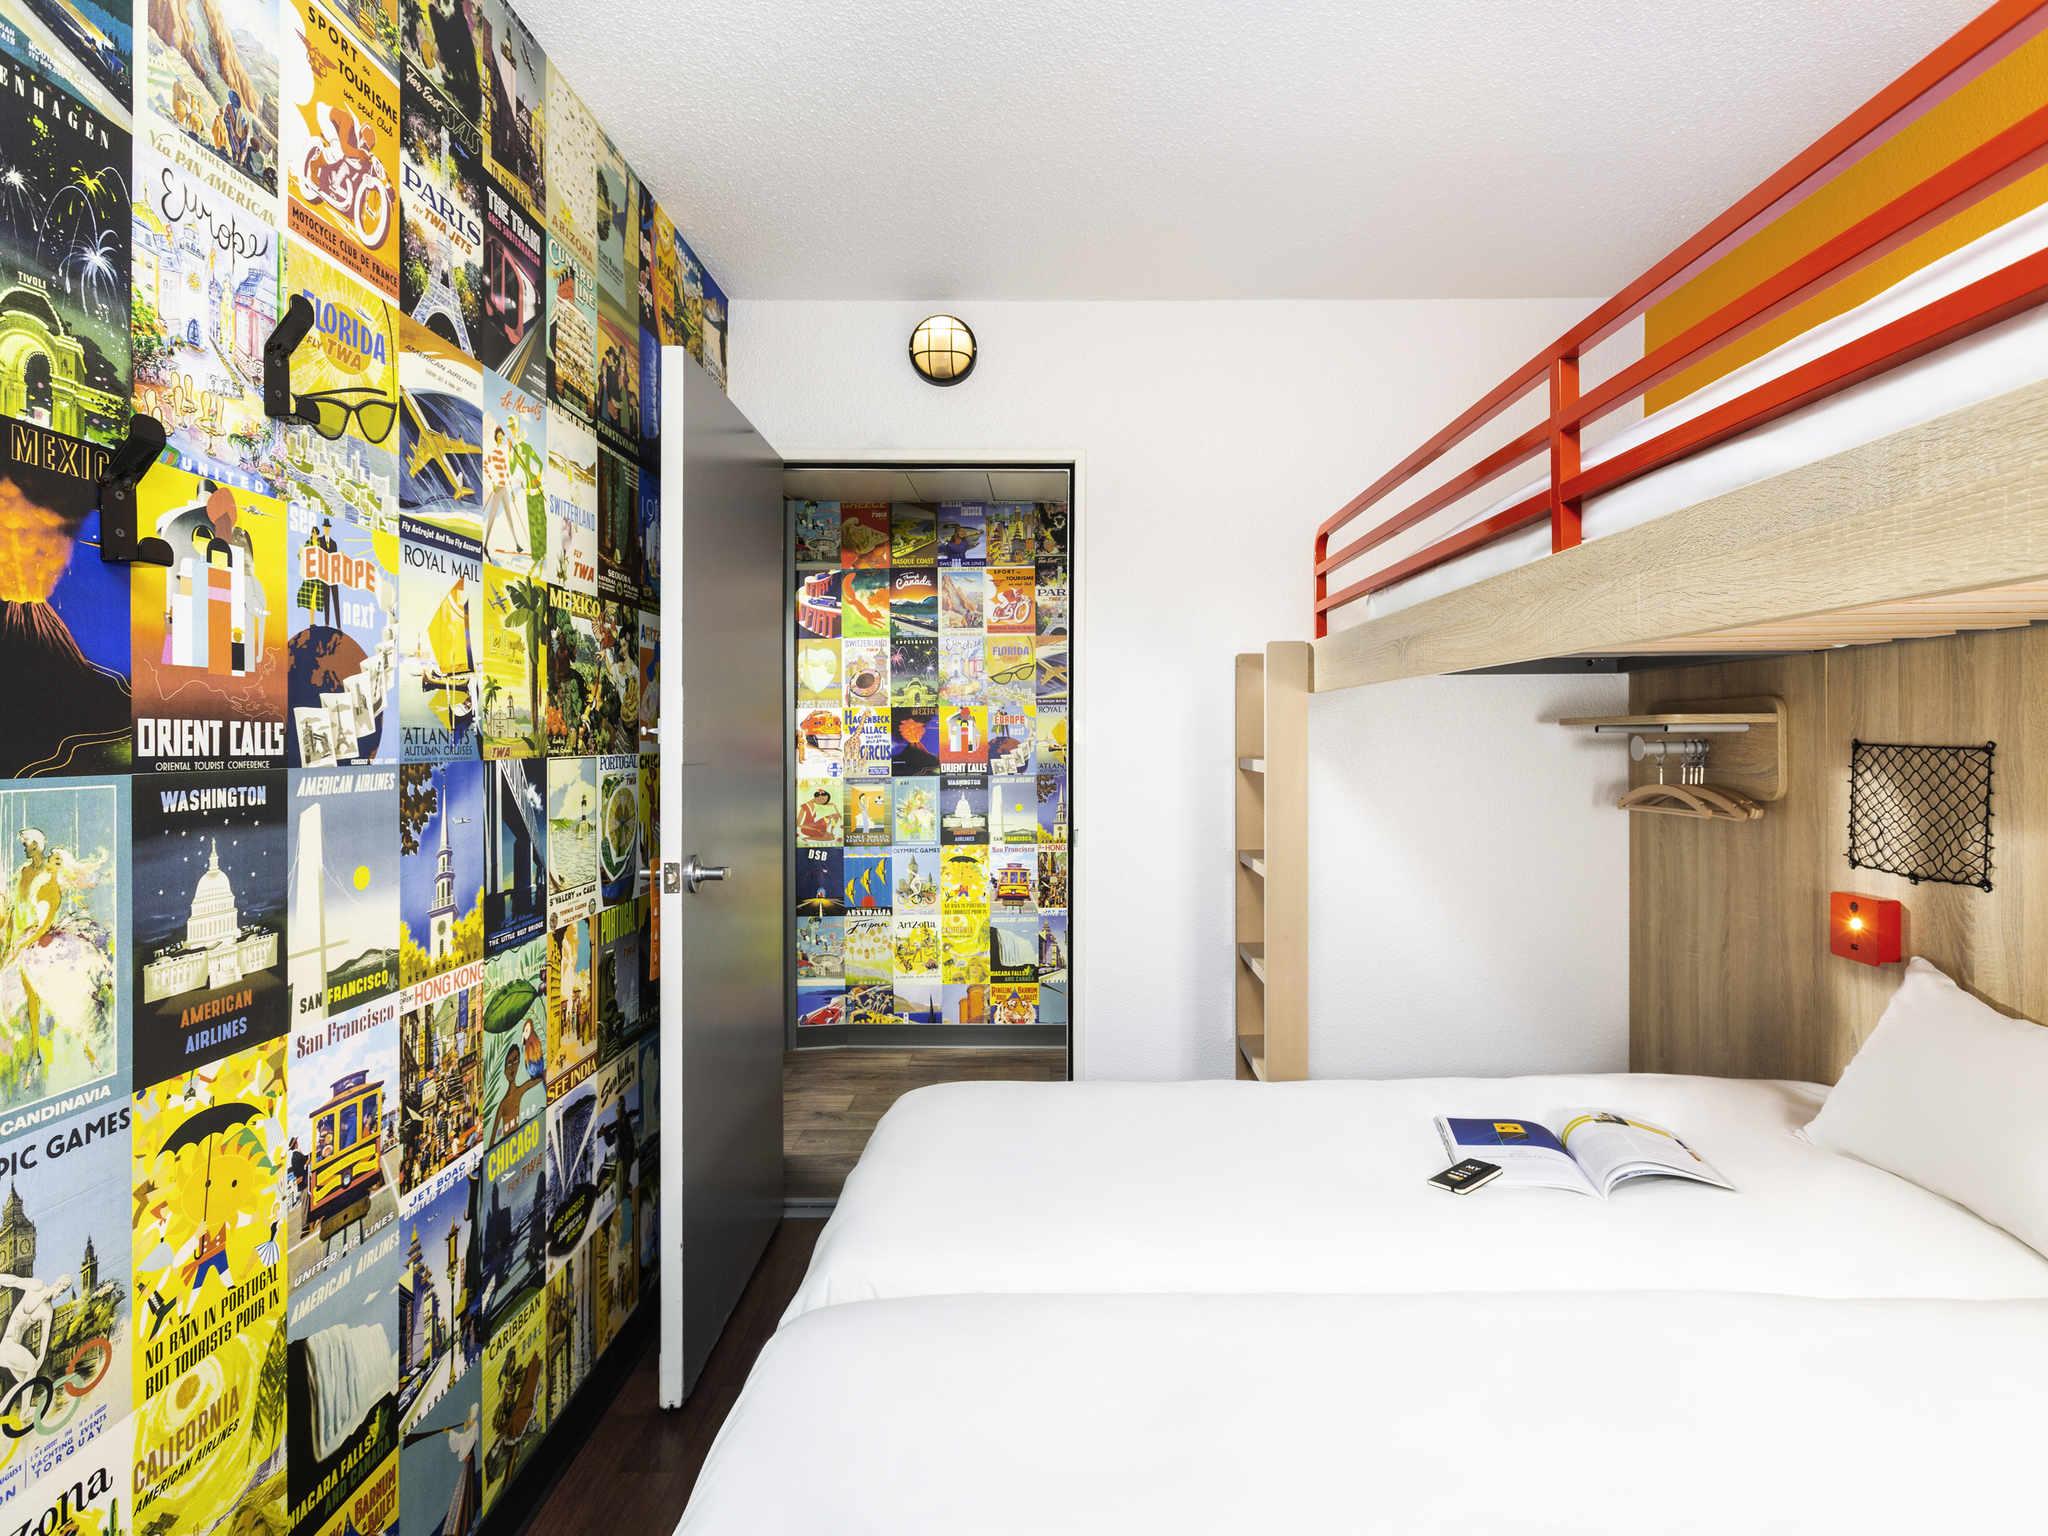 H tel bagnolet hotelf1 paris porte de montreuil for Hotel formule 1 porte montmartre